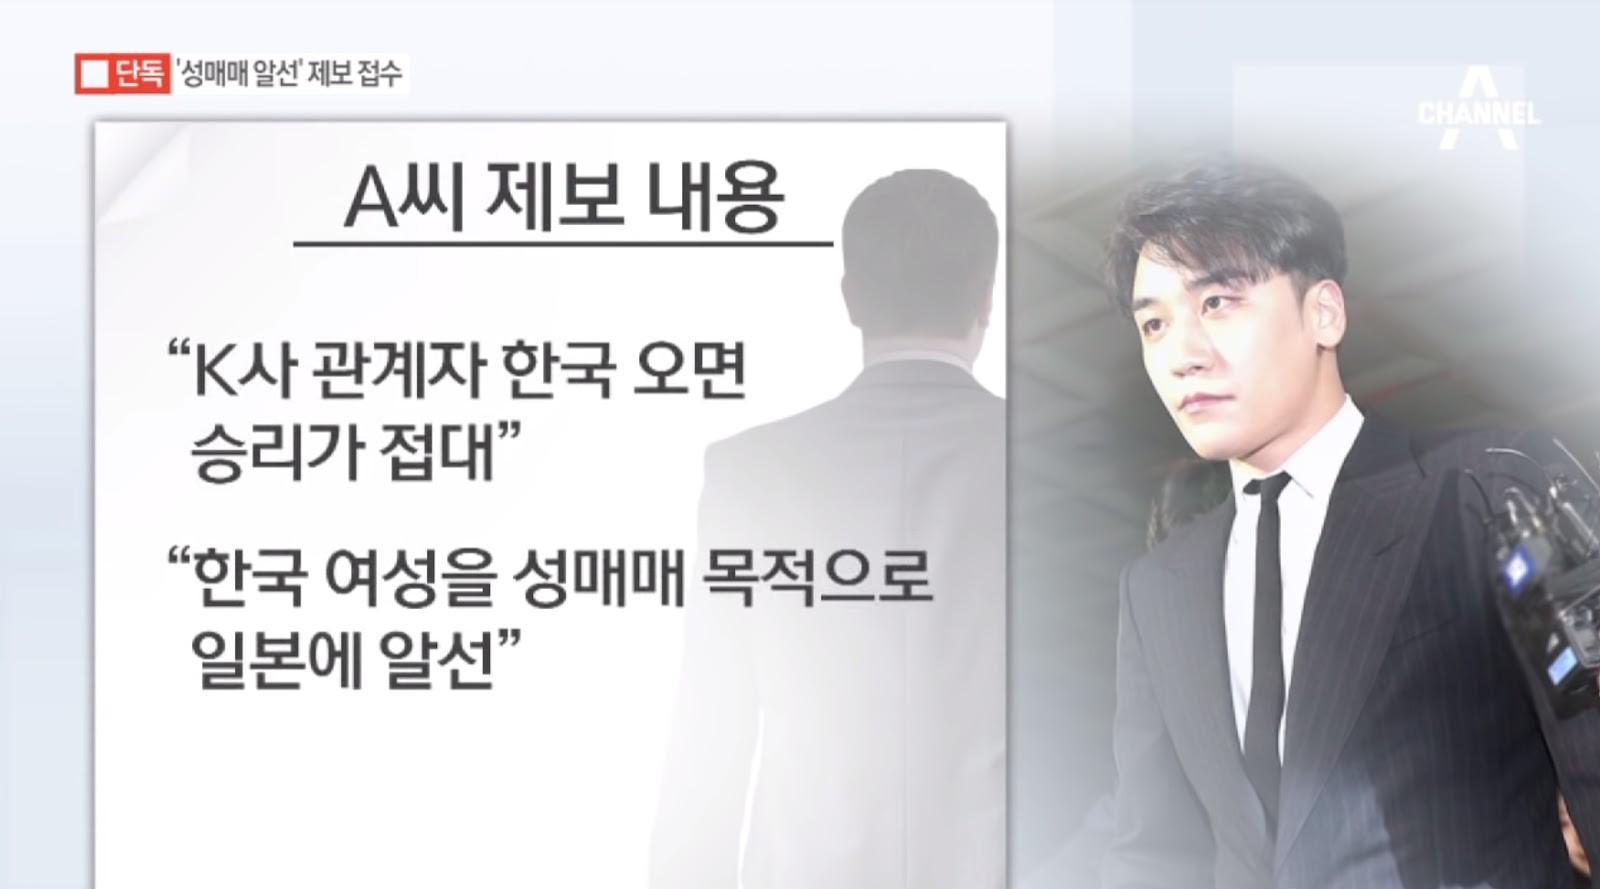 Bóc mẽ thủ đoạn môi giới mại dâm xuyên quốc gia của Seungri: Lộ tin nhắn giao dịch đưa gái mại dâm từ Hàn sang Nhật - Ảnh 1.